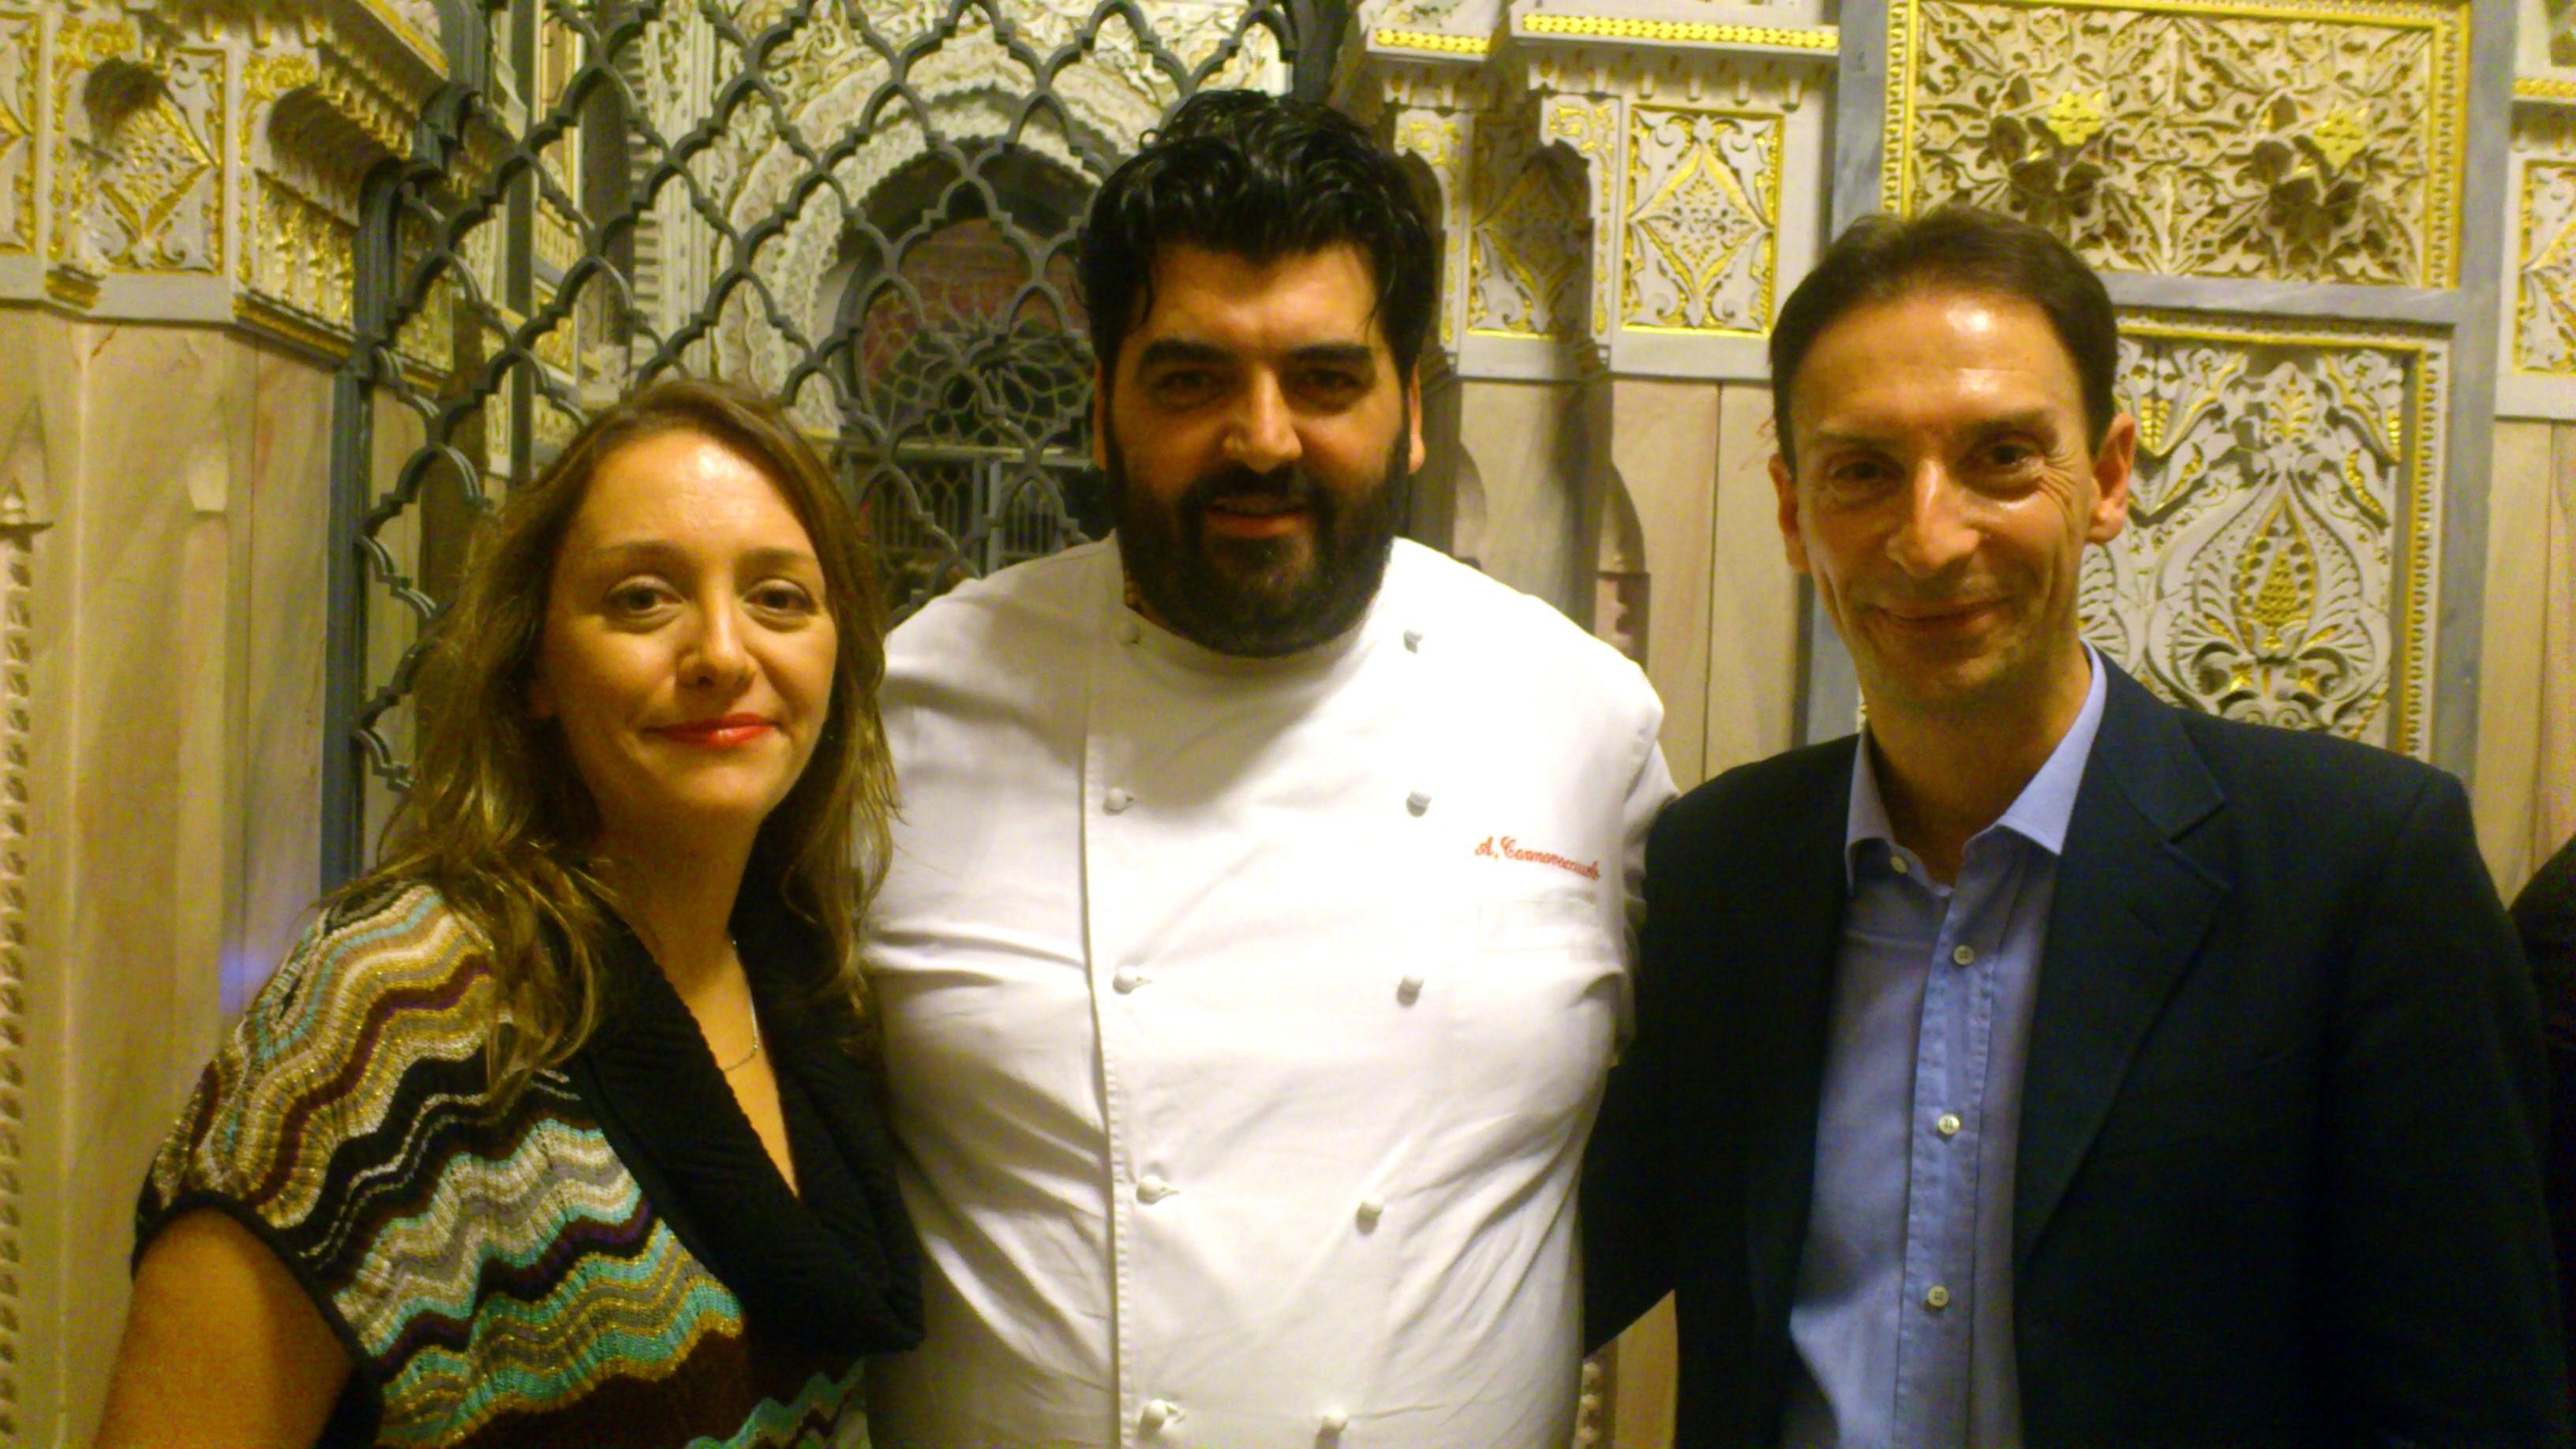 Festeggiando a Villa Crespi dallo Chef Antonino Cannavacciuolo